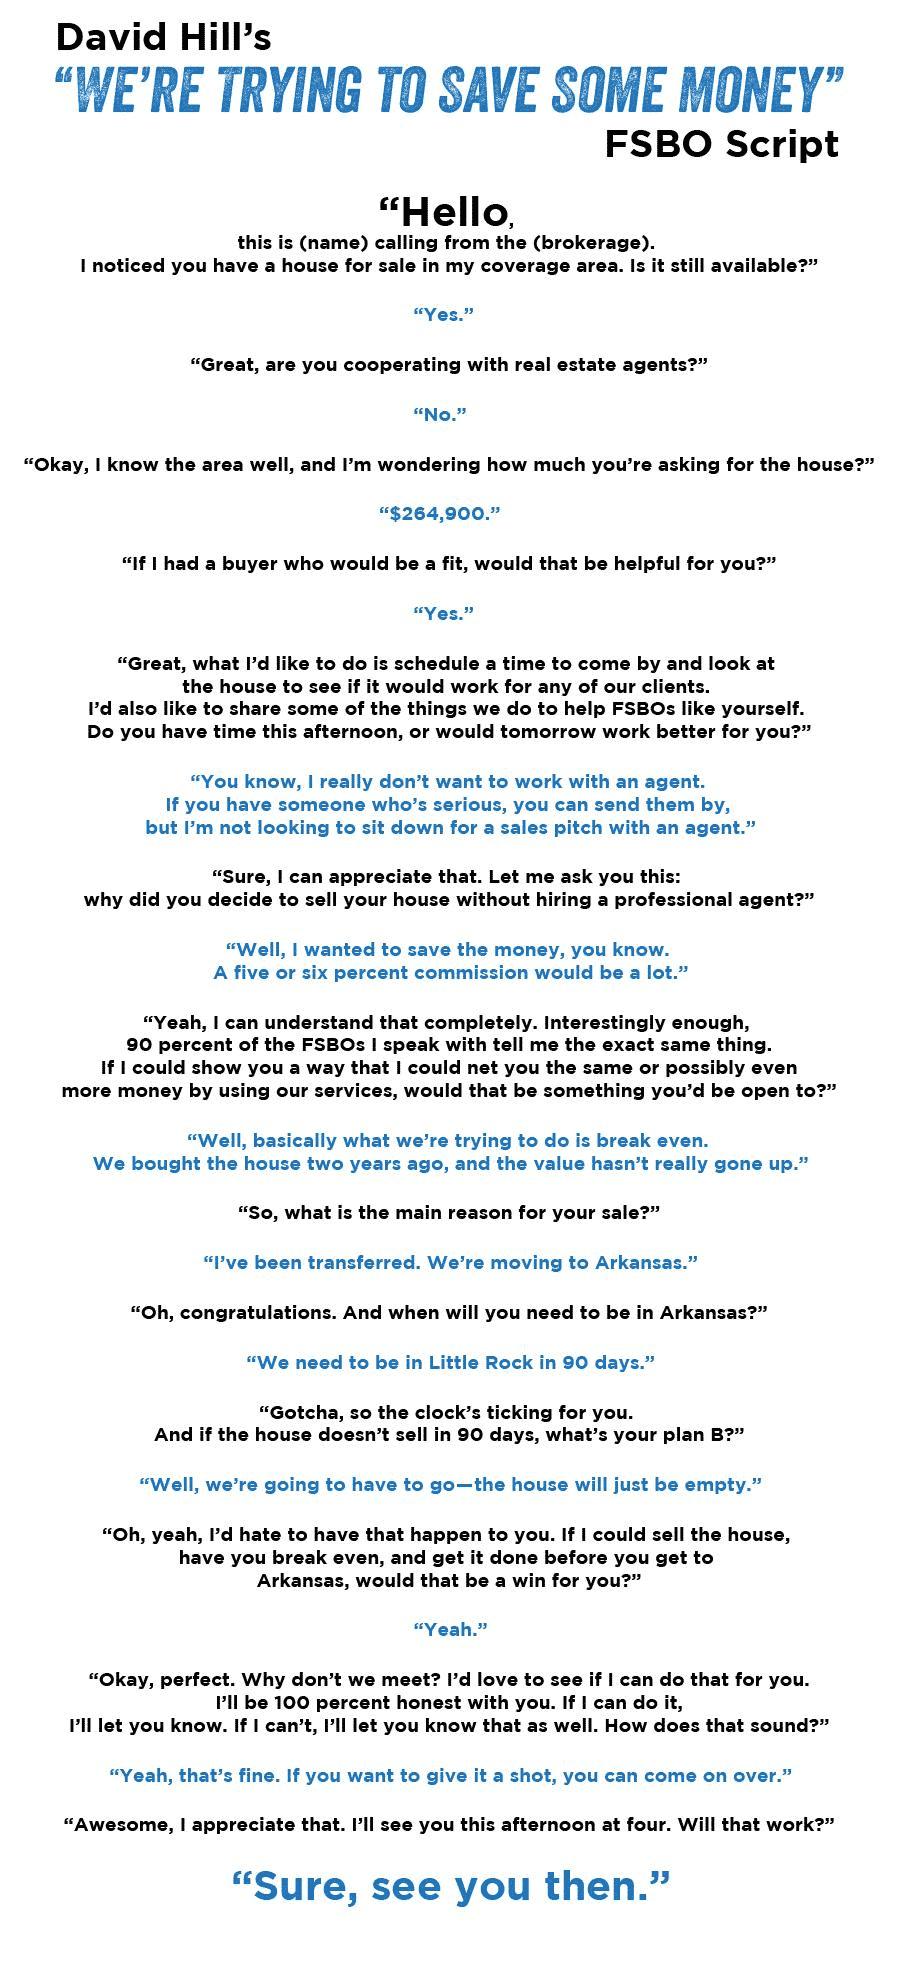 David Hill's FSBO Script